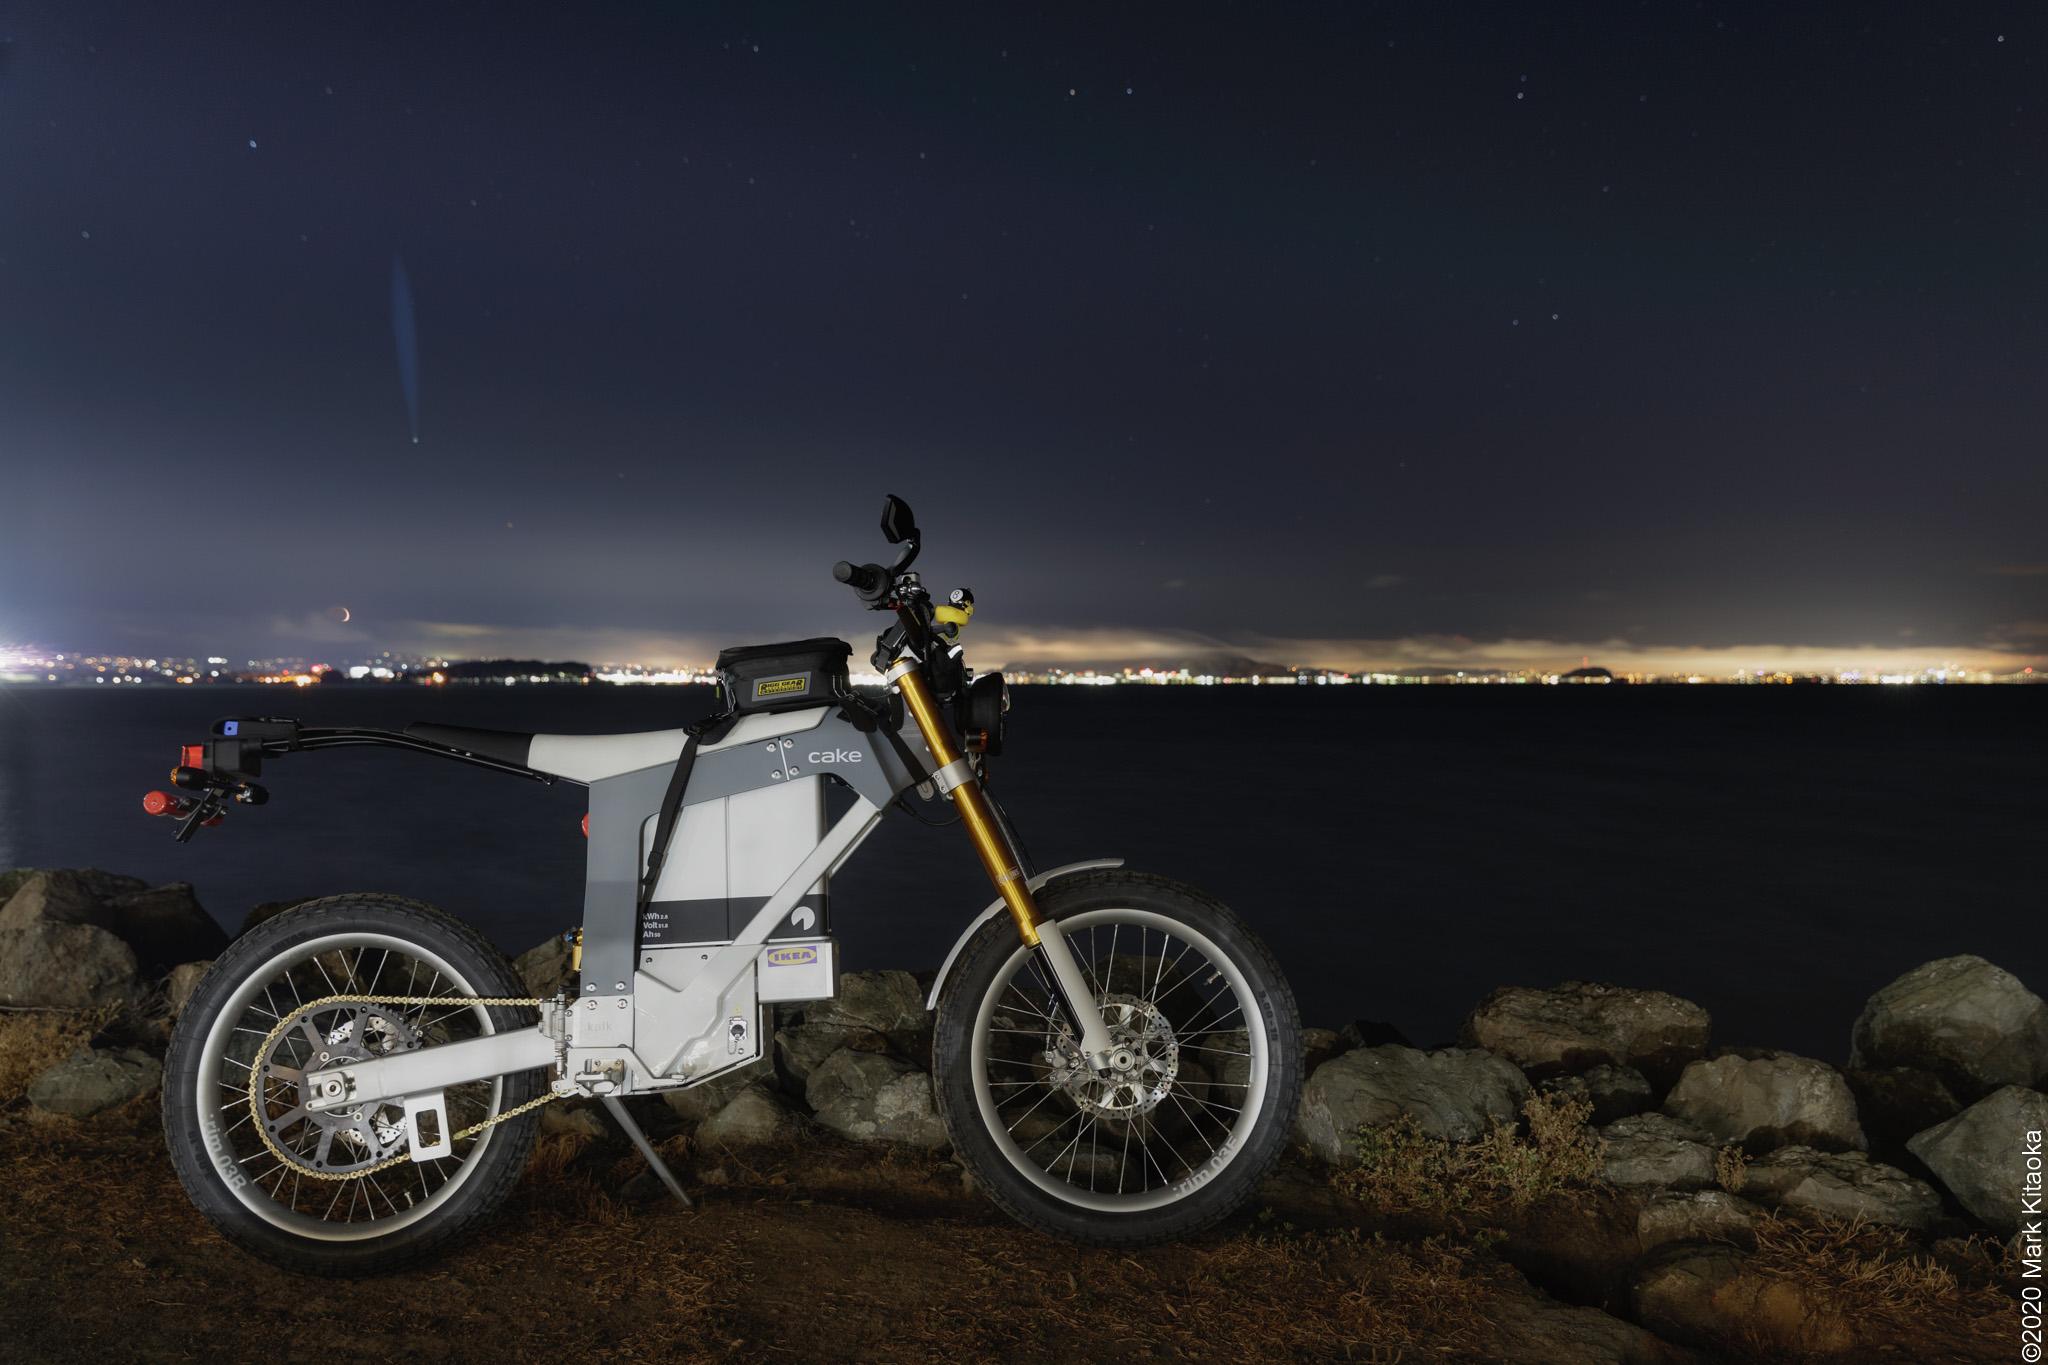 Kalk motorcycle next to ocean at night